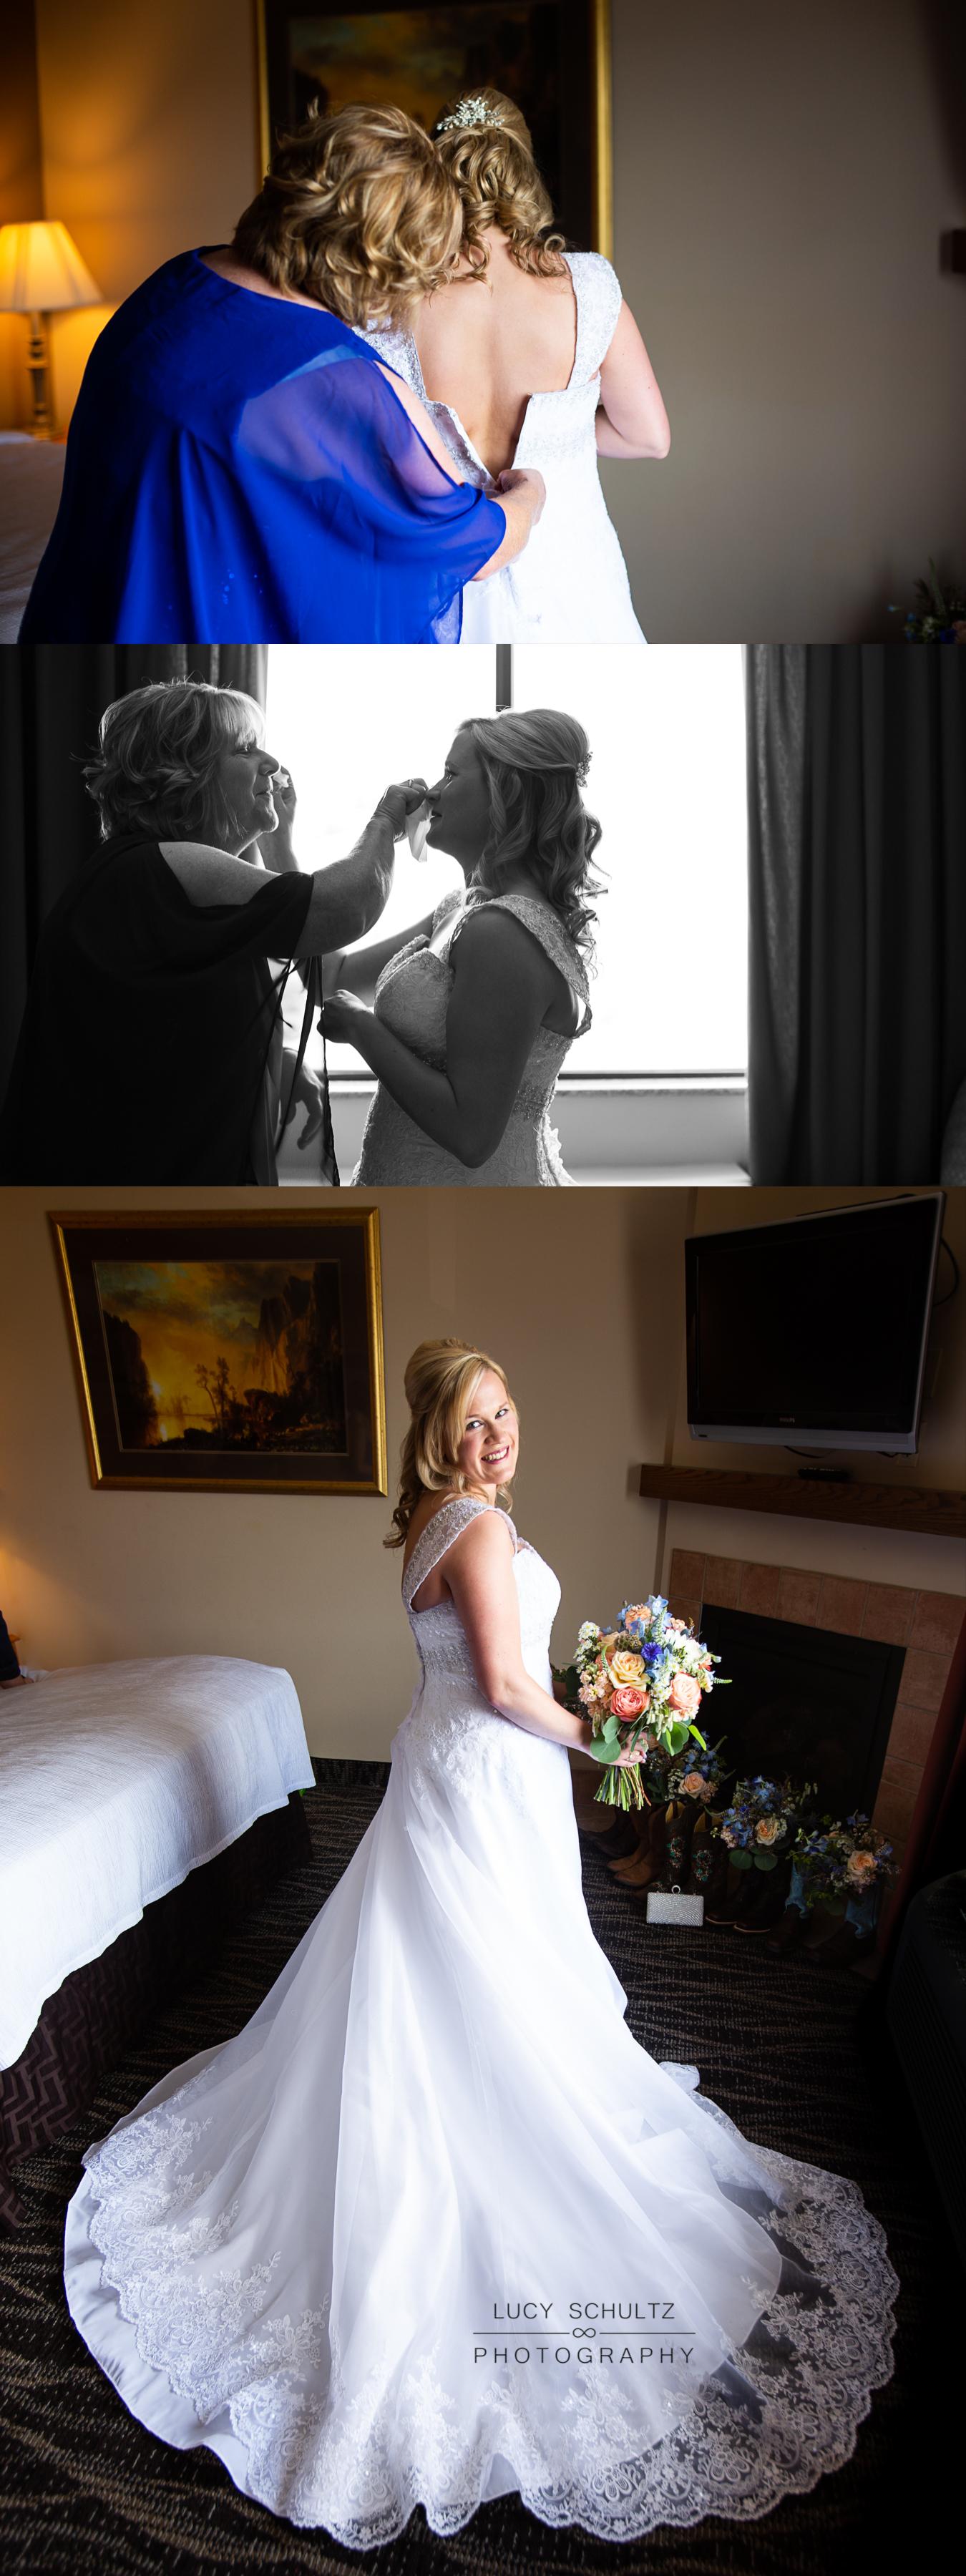 BrideGettingReadyPhotos3